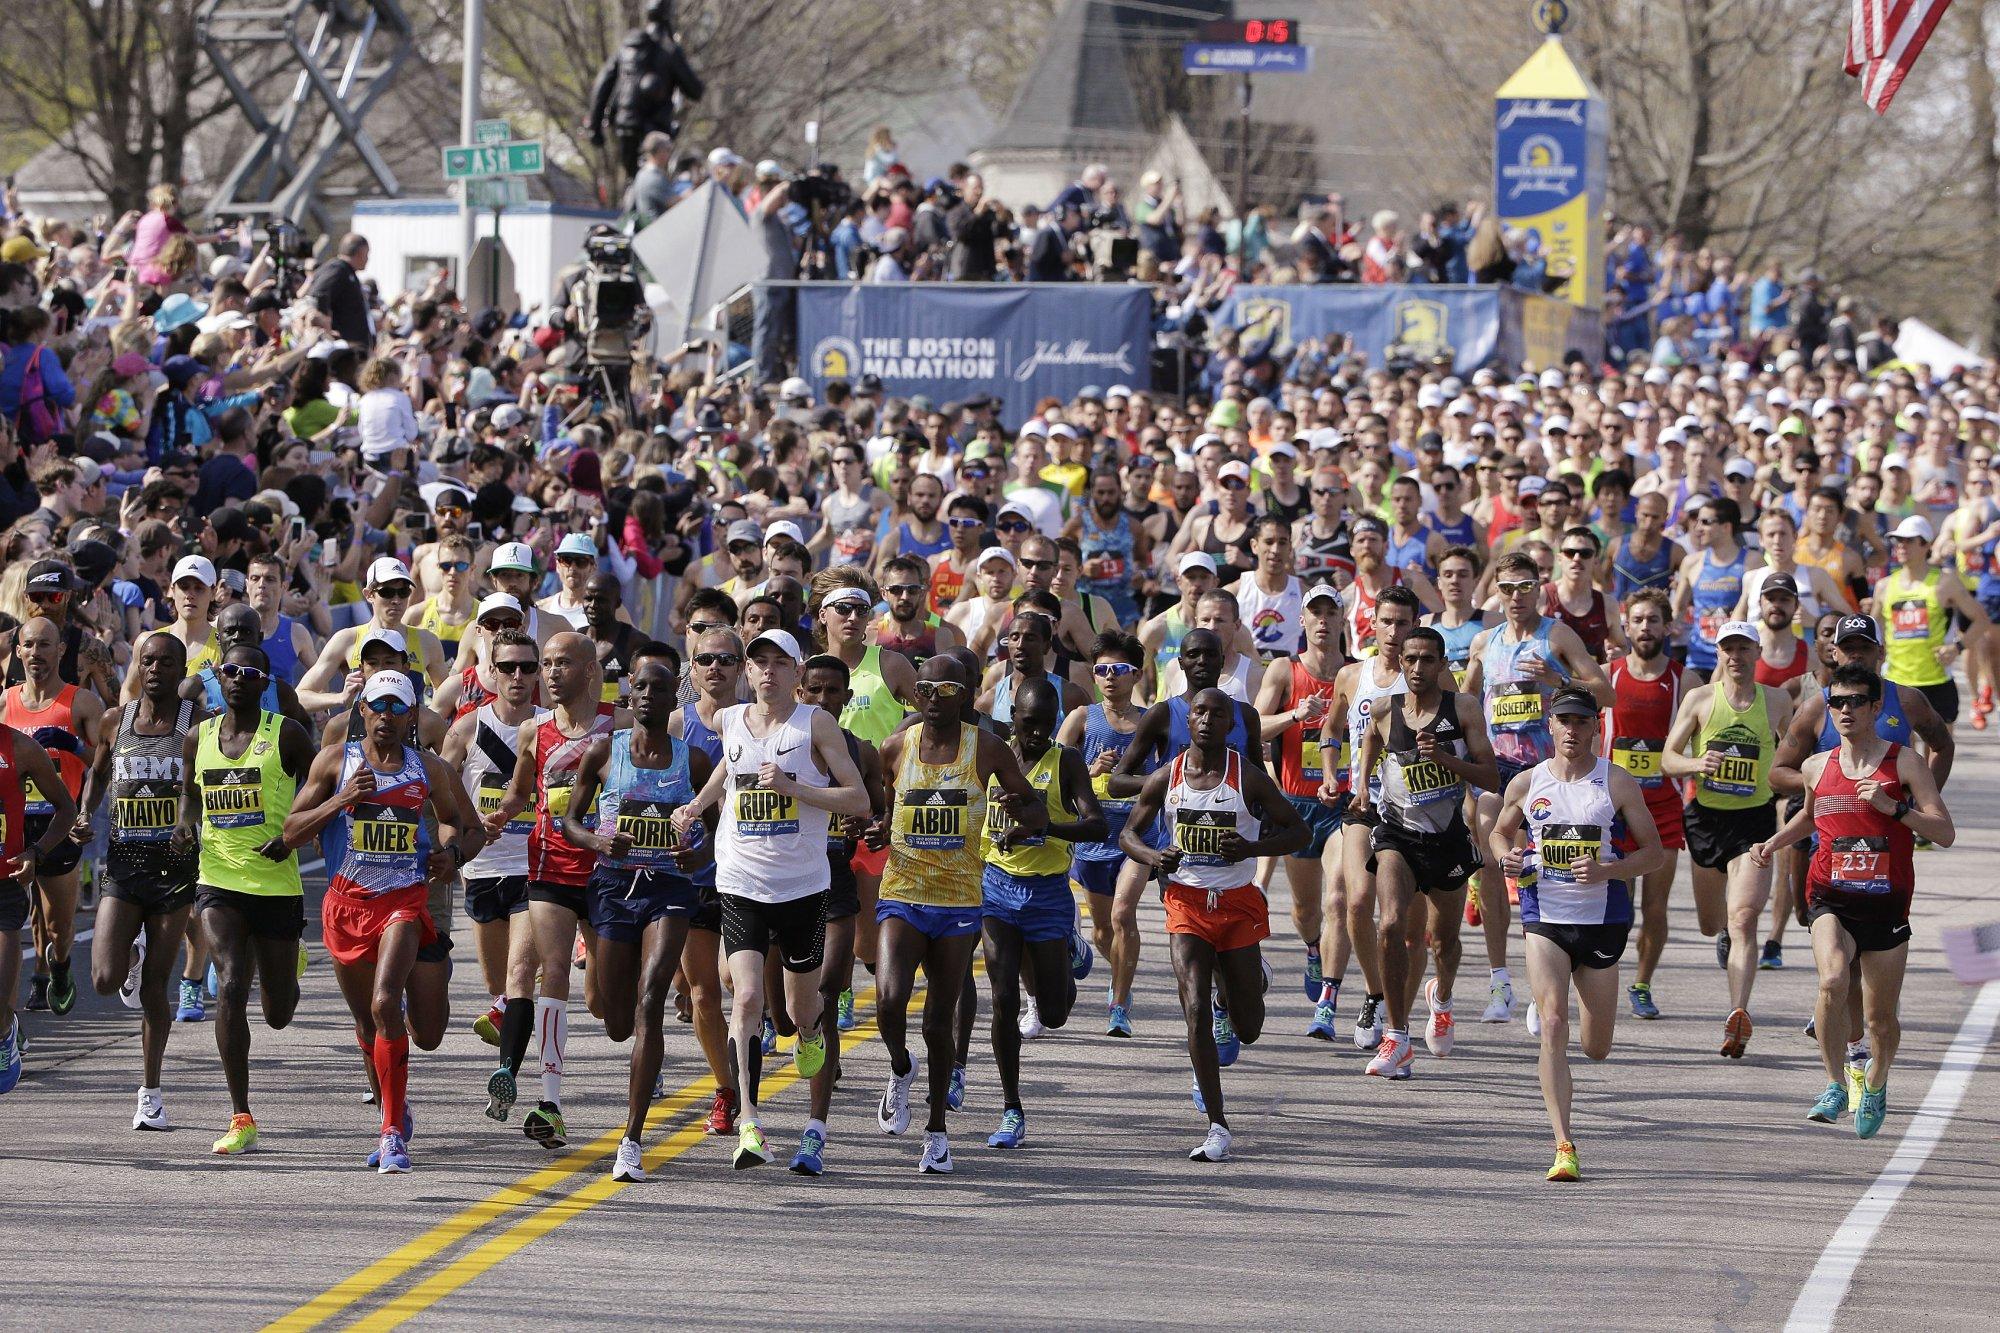 Участники «Бостонского марафона-2017» собрали более 34 миллионов долларов на благотворительность